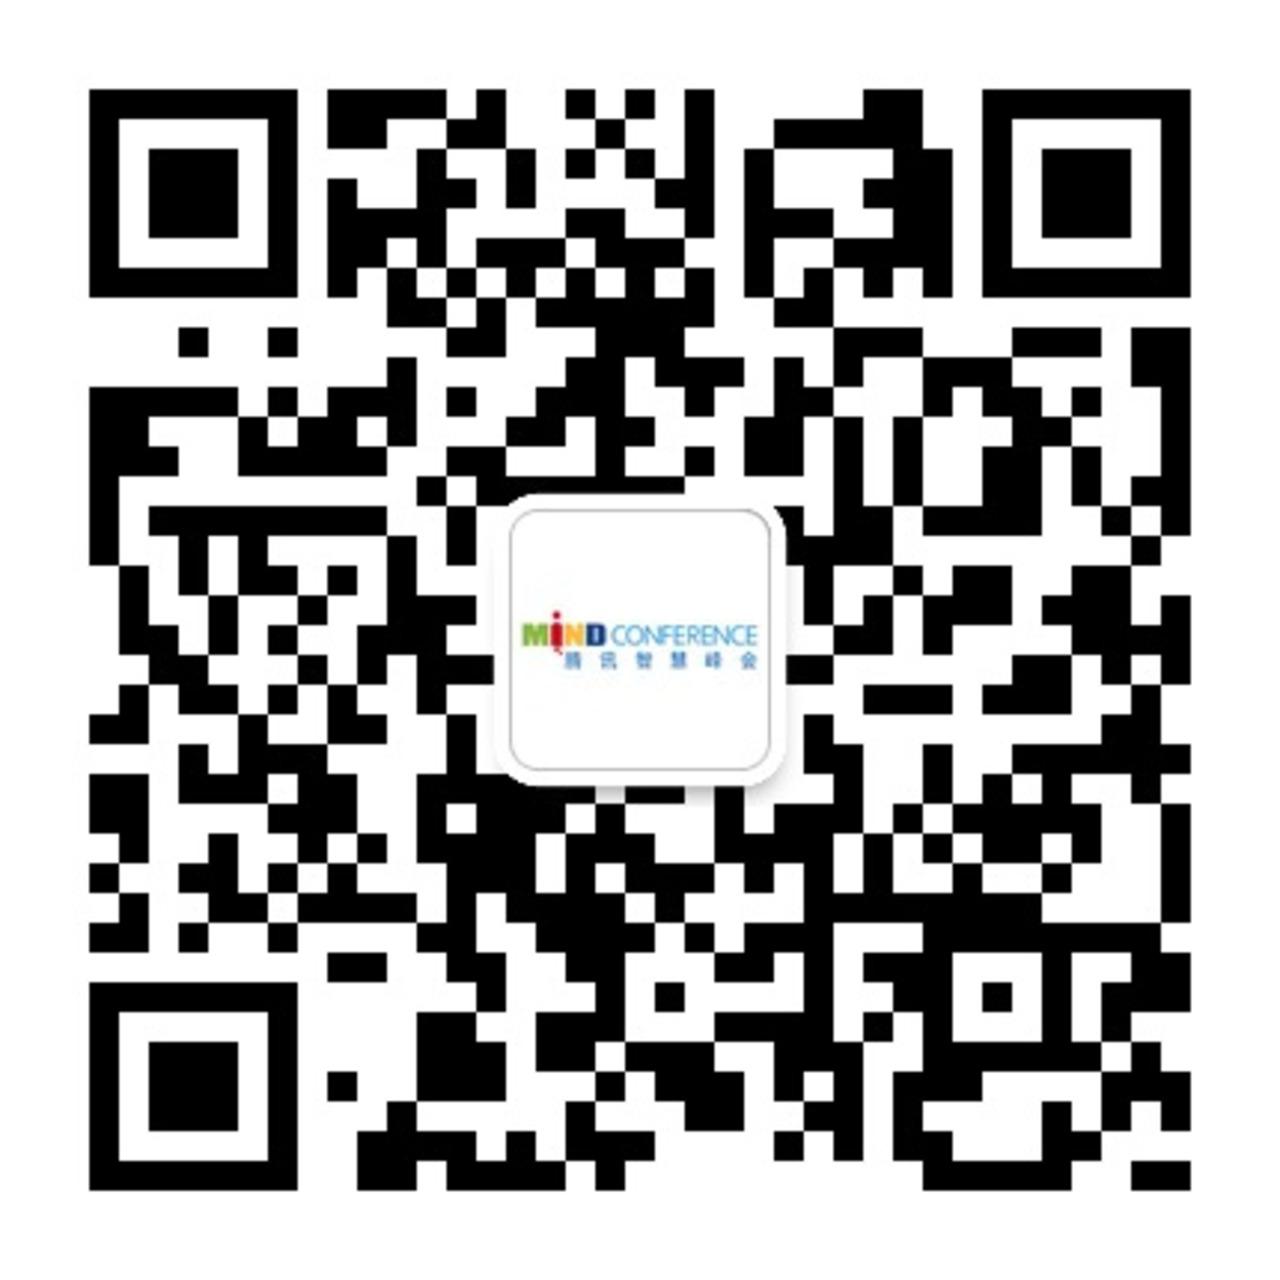 2015腾讯智慧峰会二维码,快扫我吧!